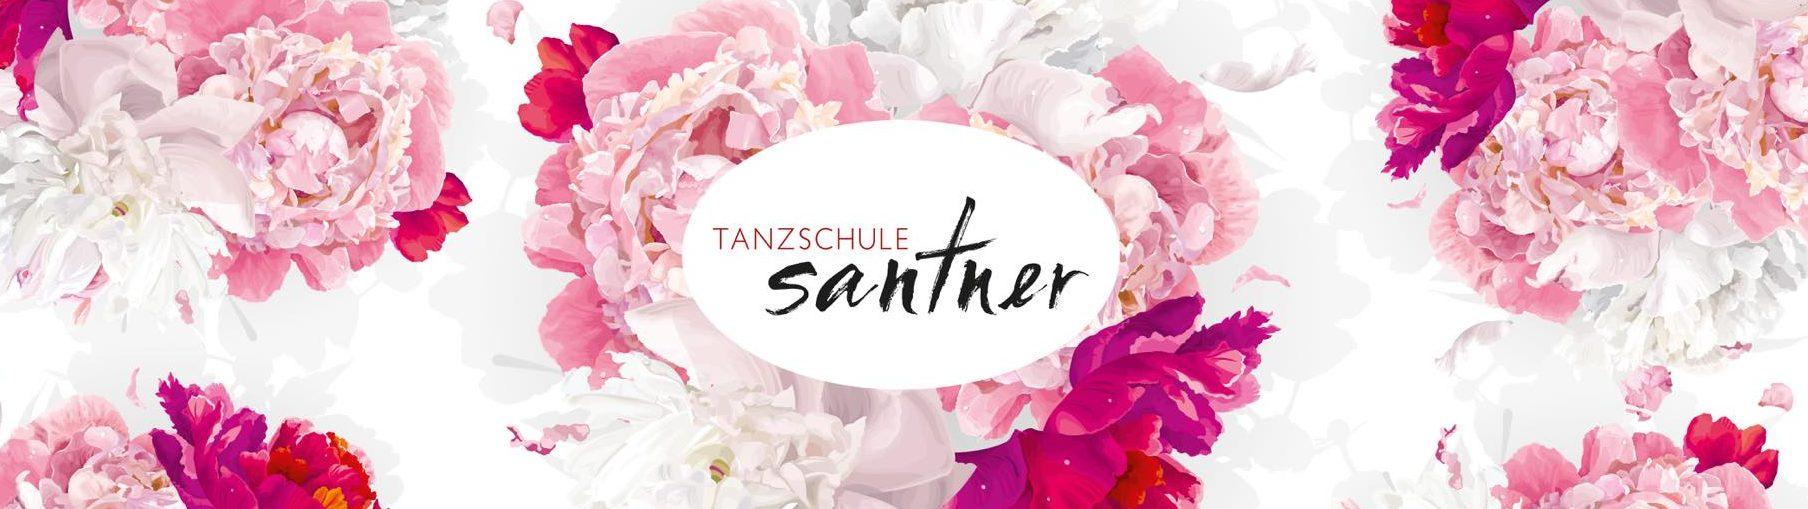 Tanzschule Santner im ORF – Tanzkurs in Österreich